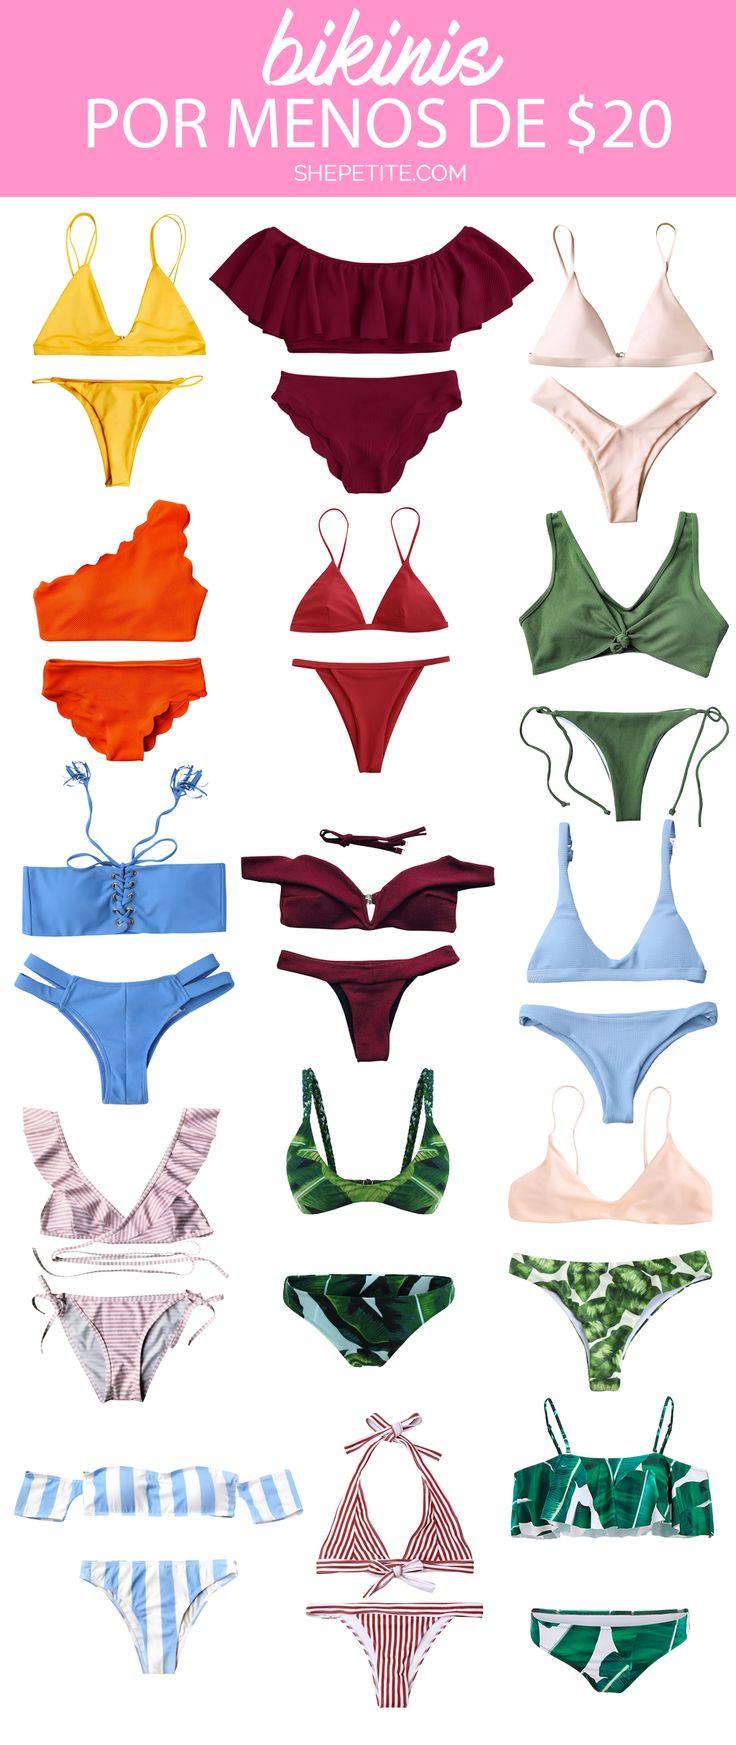 Dónde comprar bikinis por menos de $20 dólares